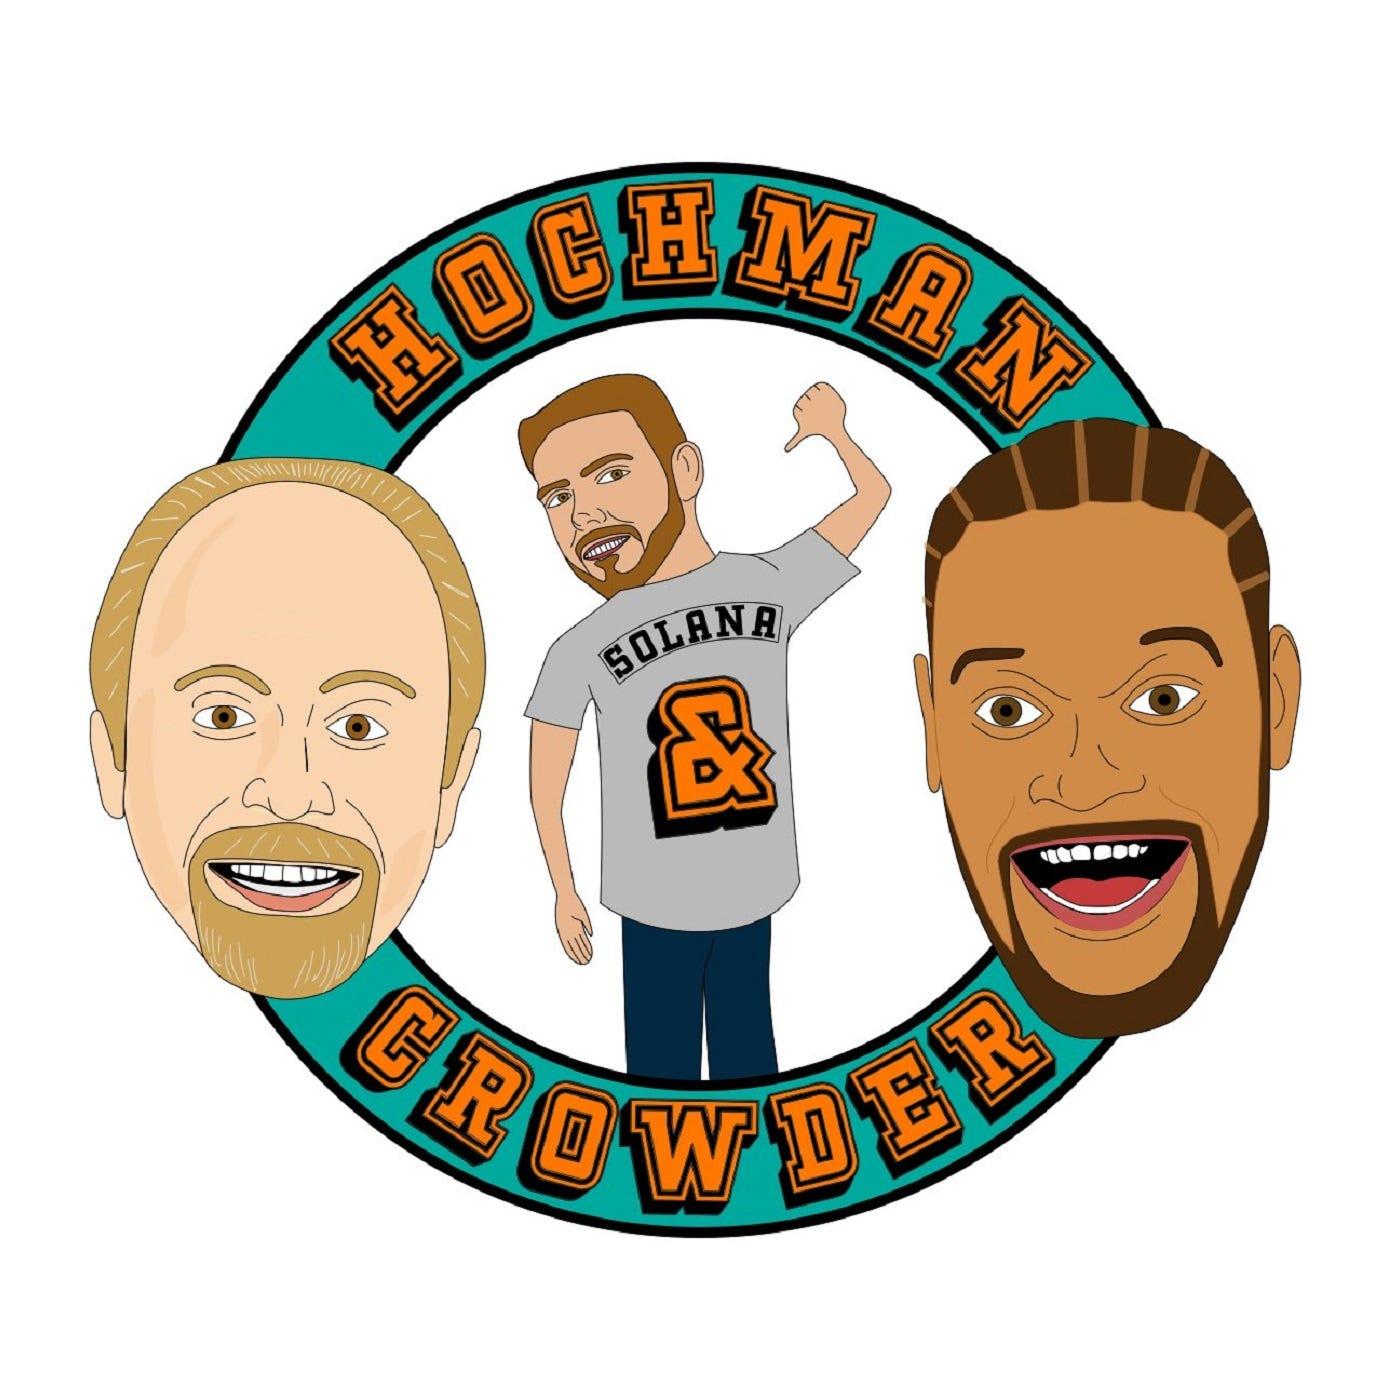 Hochman and Crowder